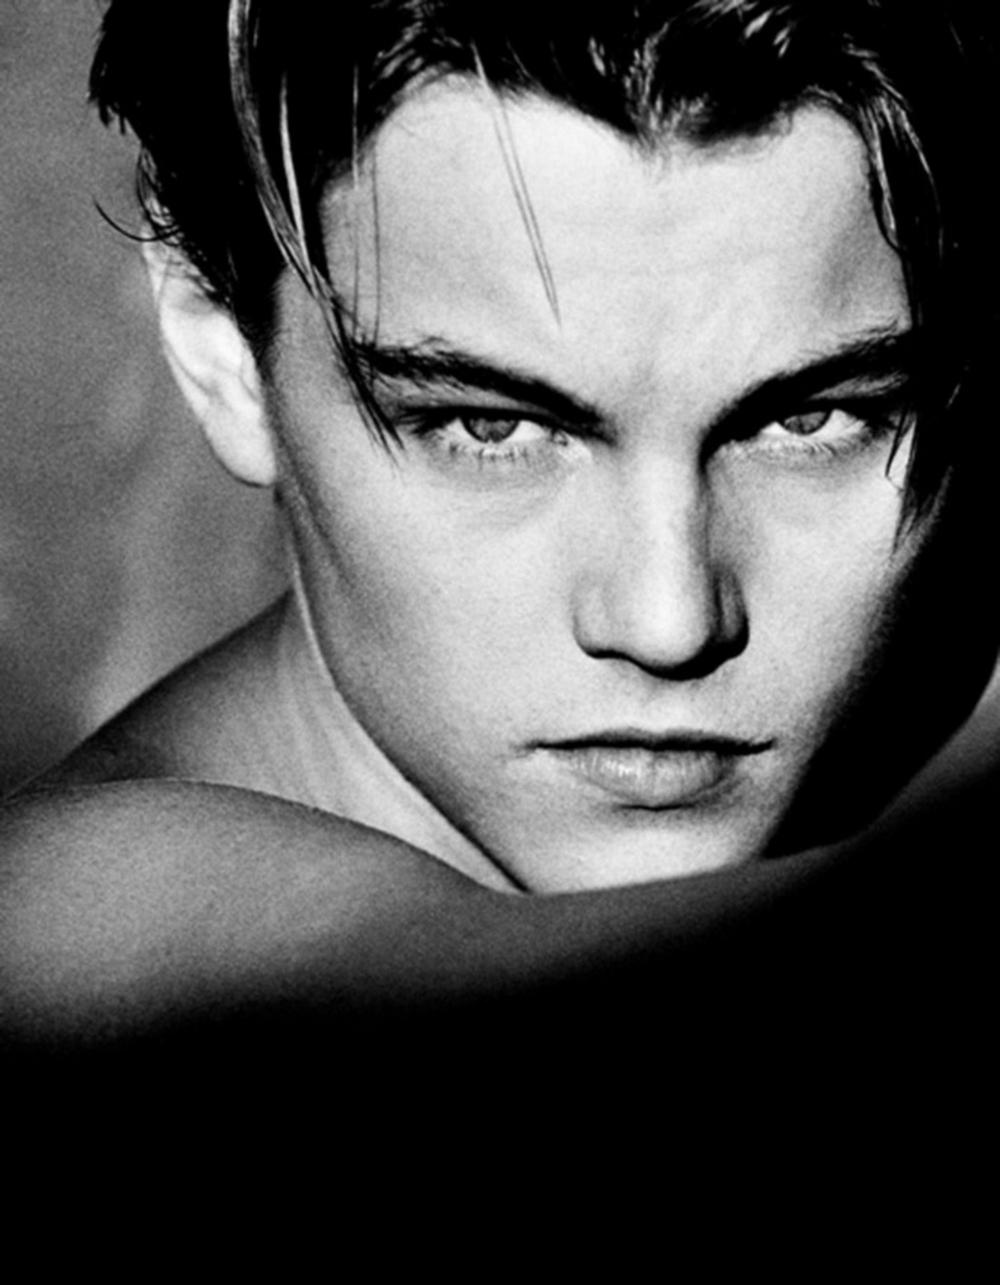 Грег Горман один из лучших в съёмке портретов знаменитостей и непревзойдённый мастер мужского ню 47